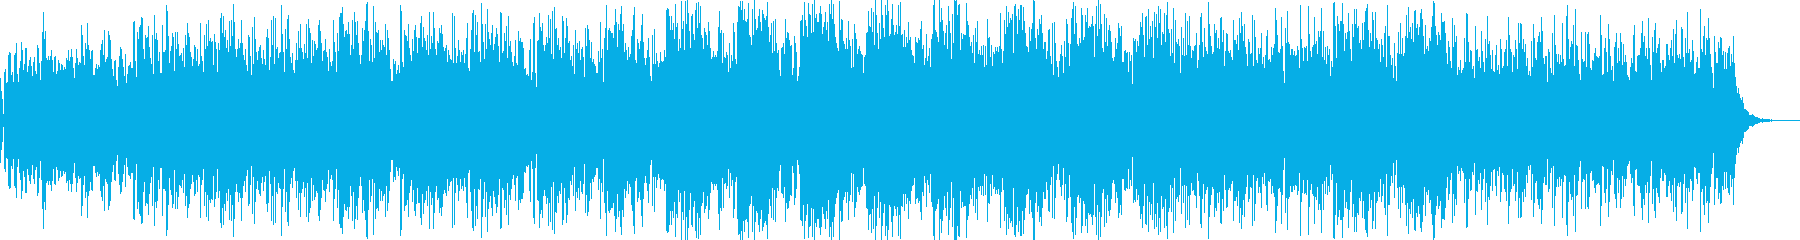 3分BGM クール ヒップホップの再生済みの波形